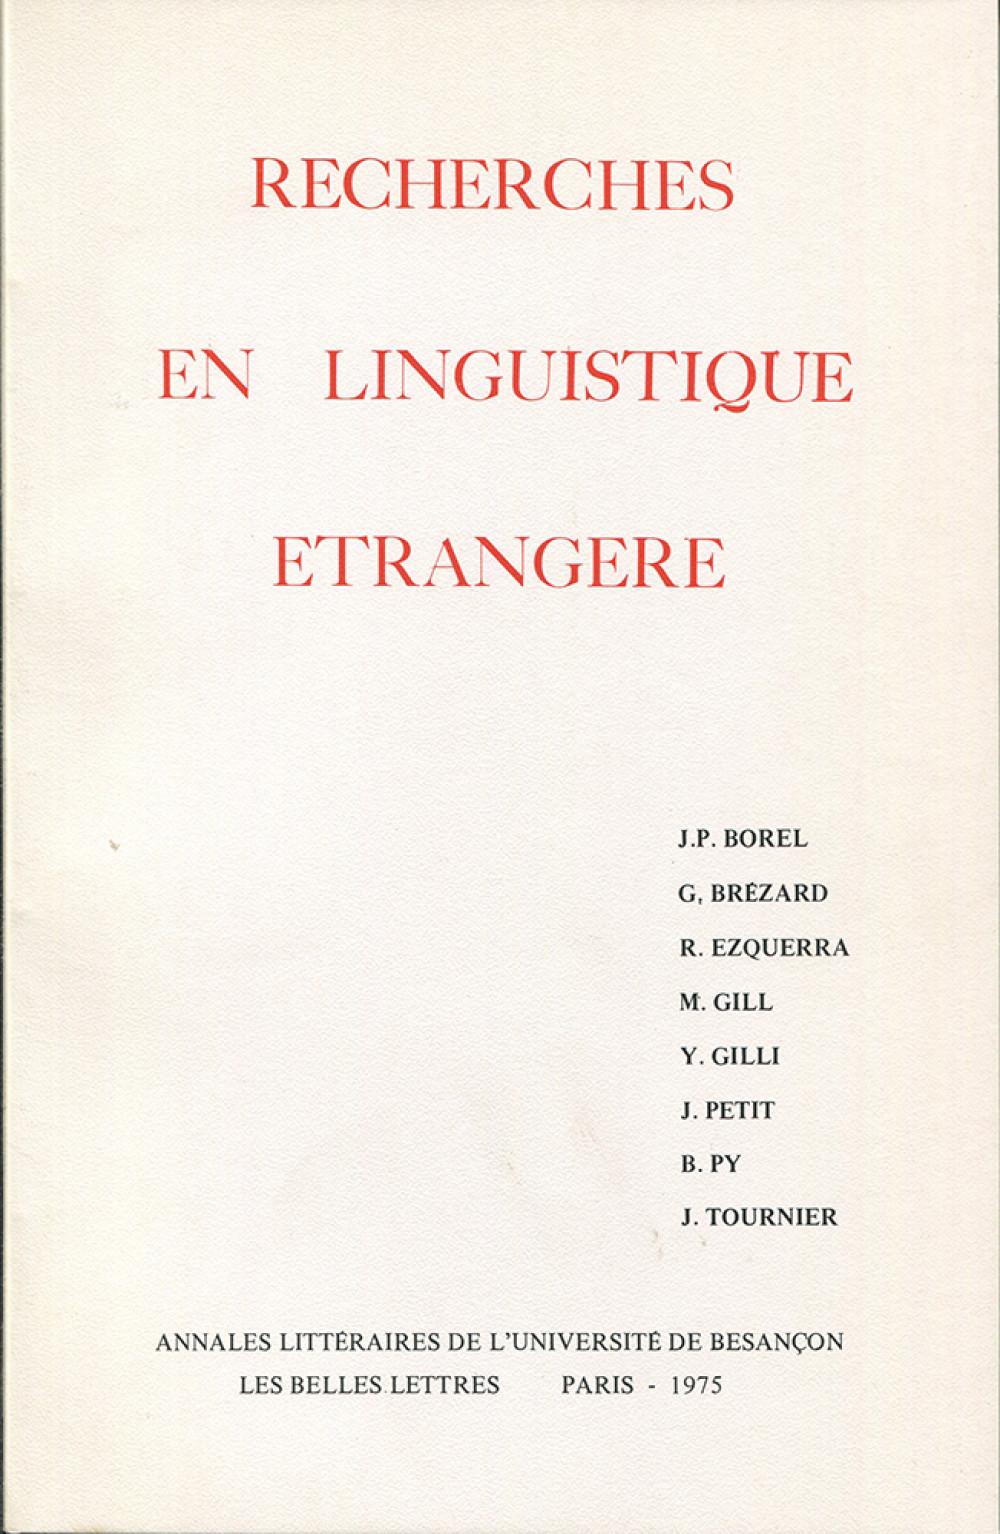 Recherches en linguistique étrangère II